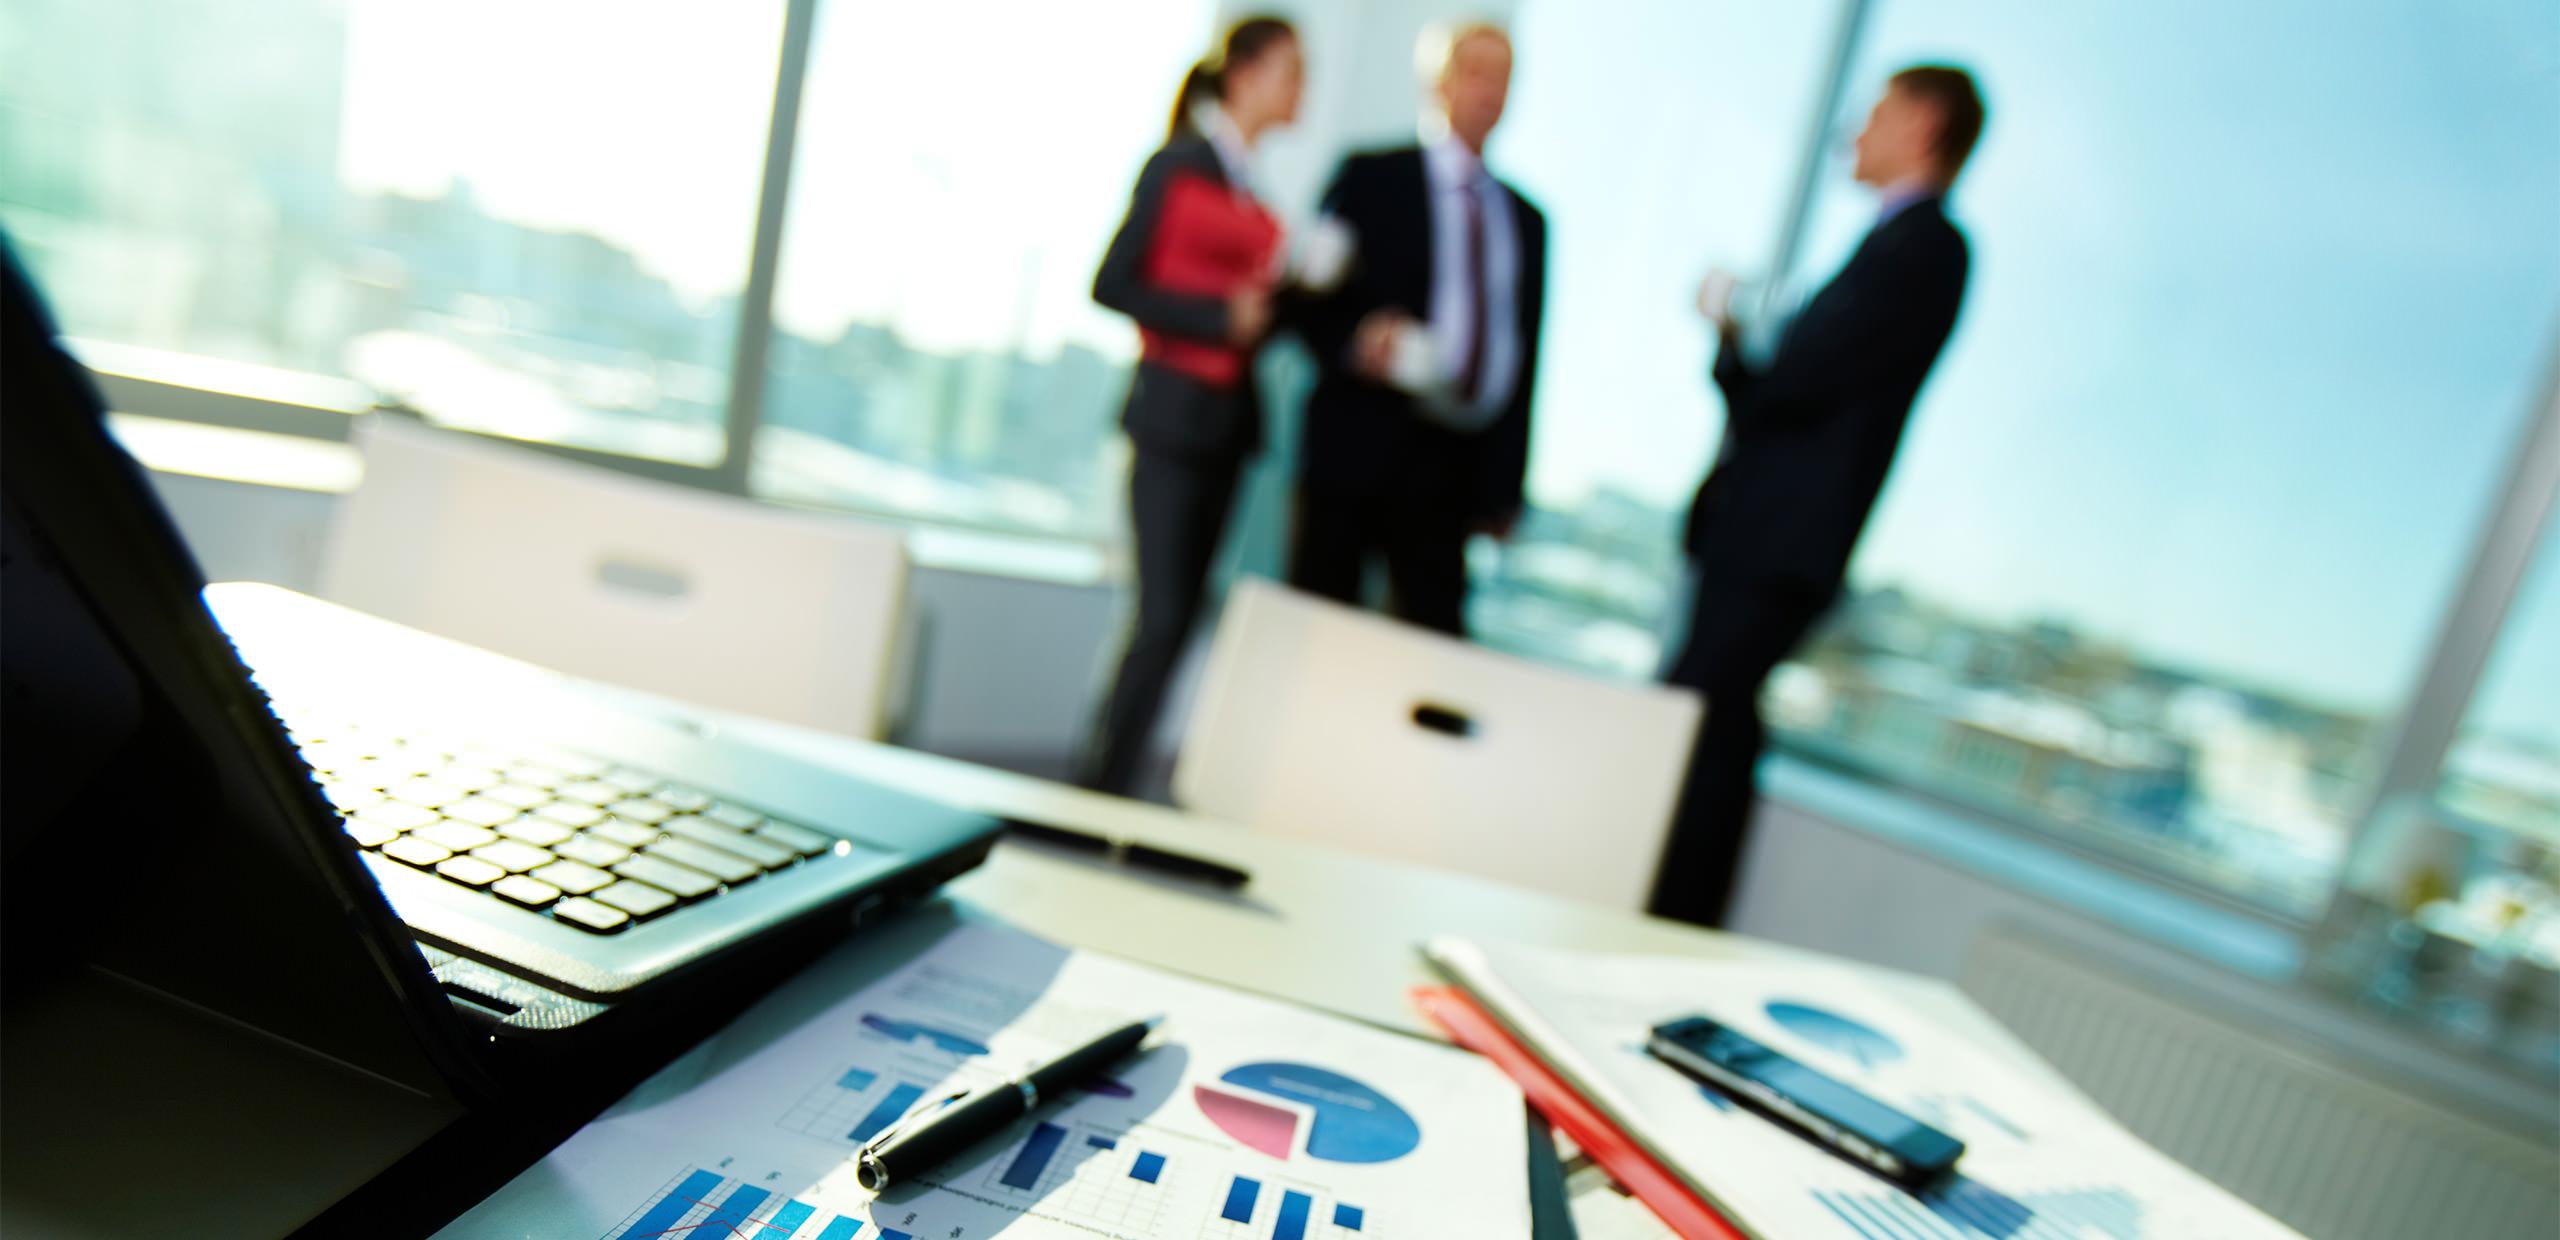 Abschluss eines Mietvertrages in Bulgarien, Rechtsanalt Mietrecht Bulgarien, Abschluss eines Mietvertrages über Wohnungsraum in Bulgarien, Bulgarien Mietrechts